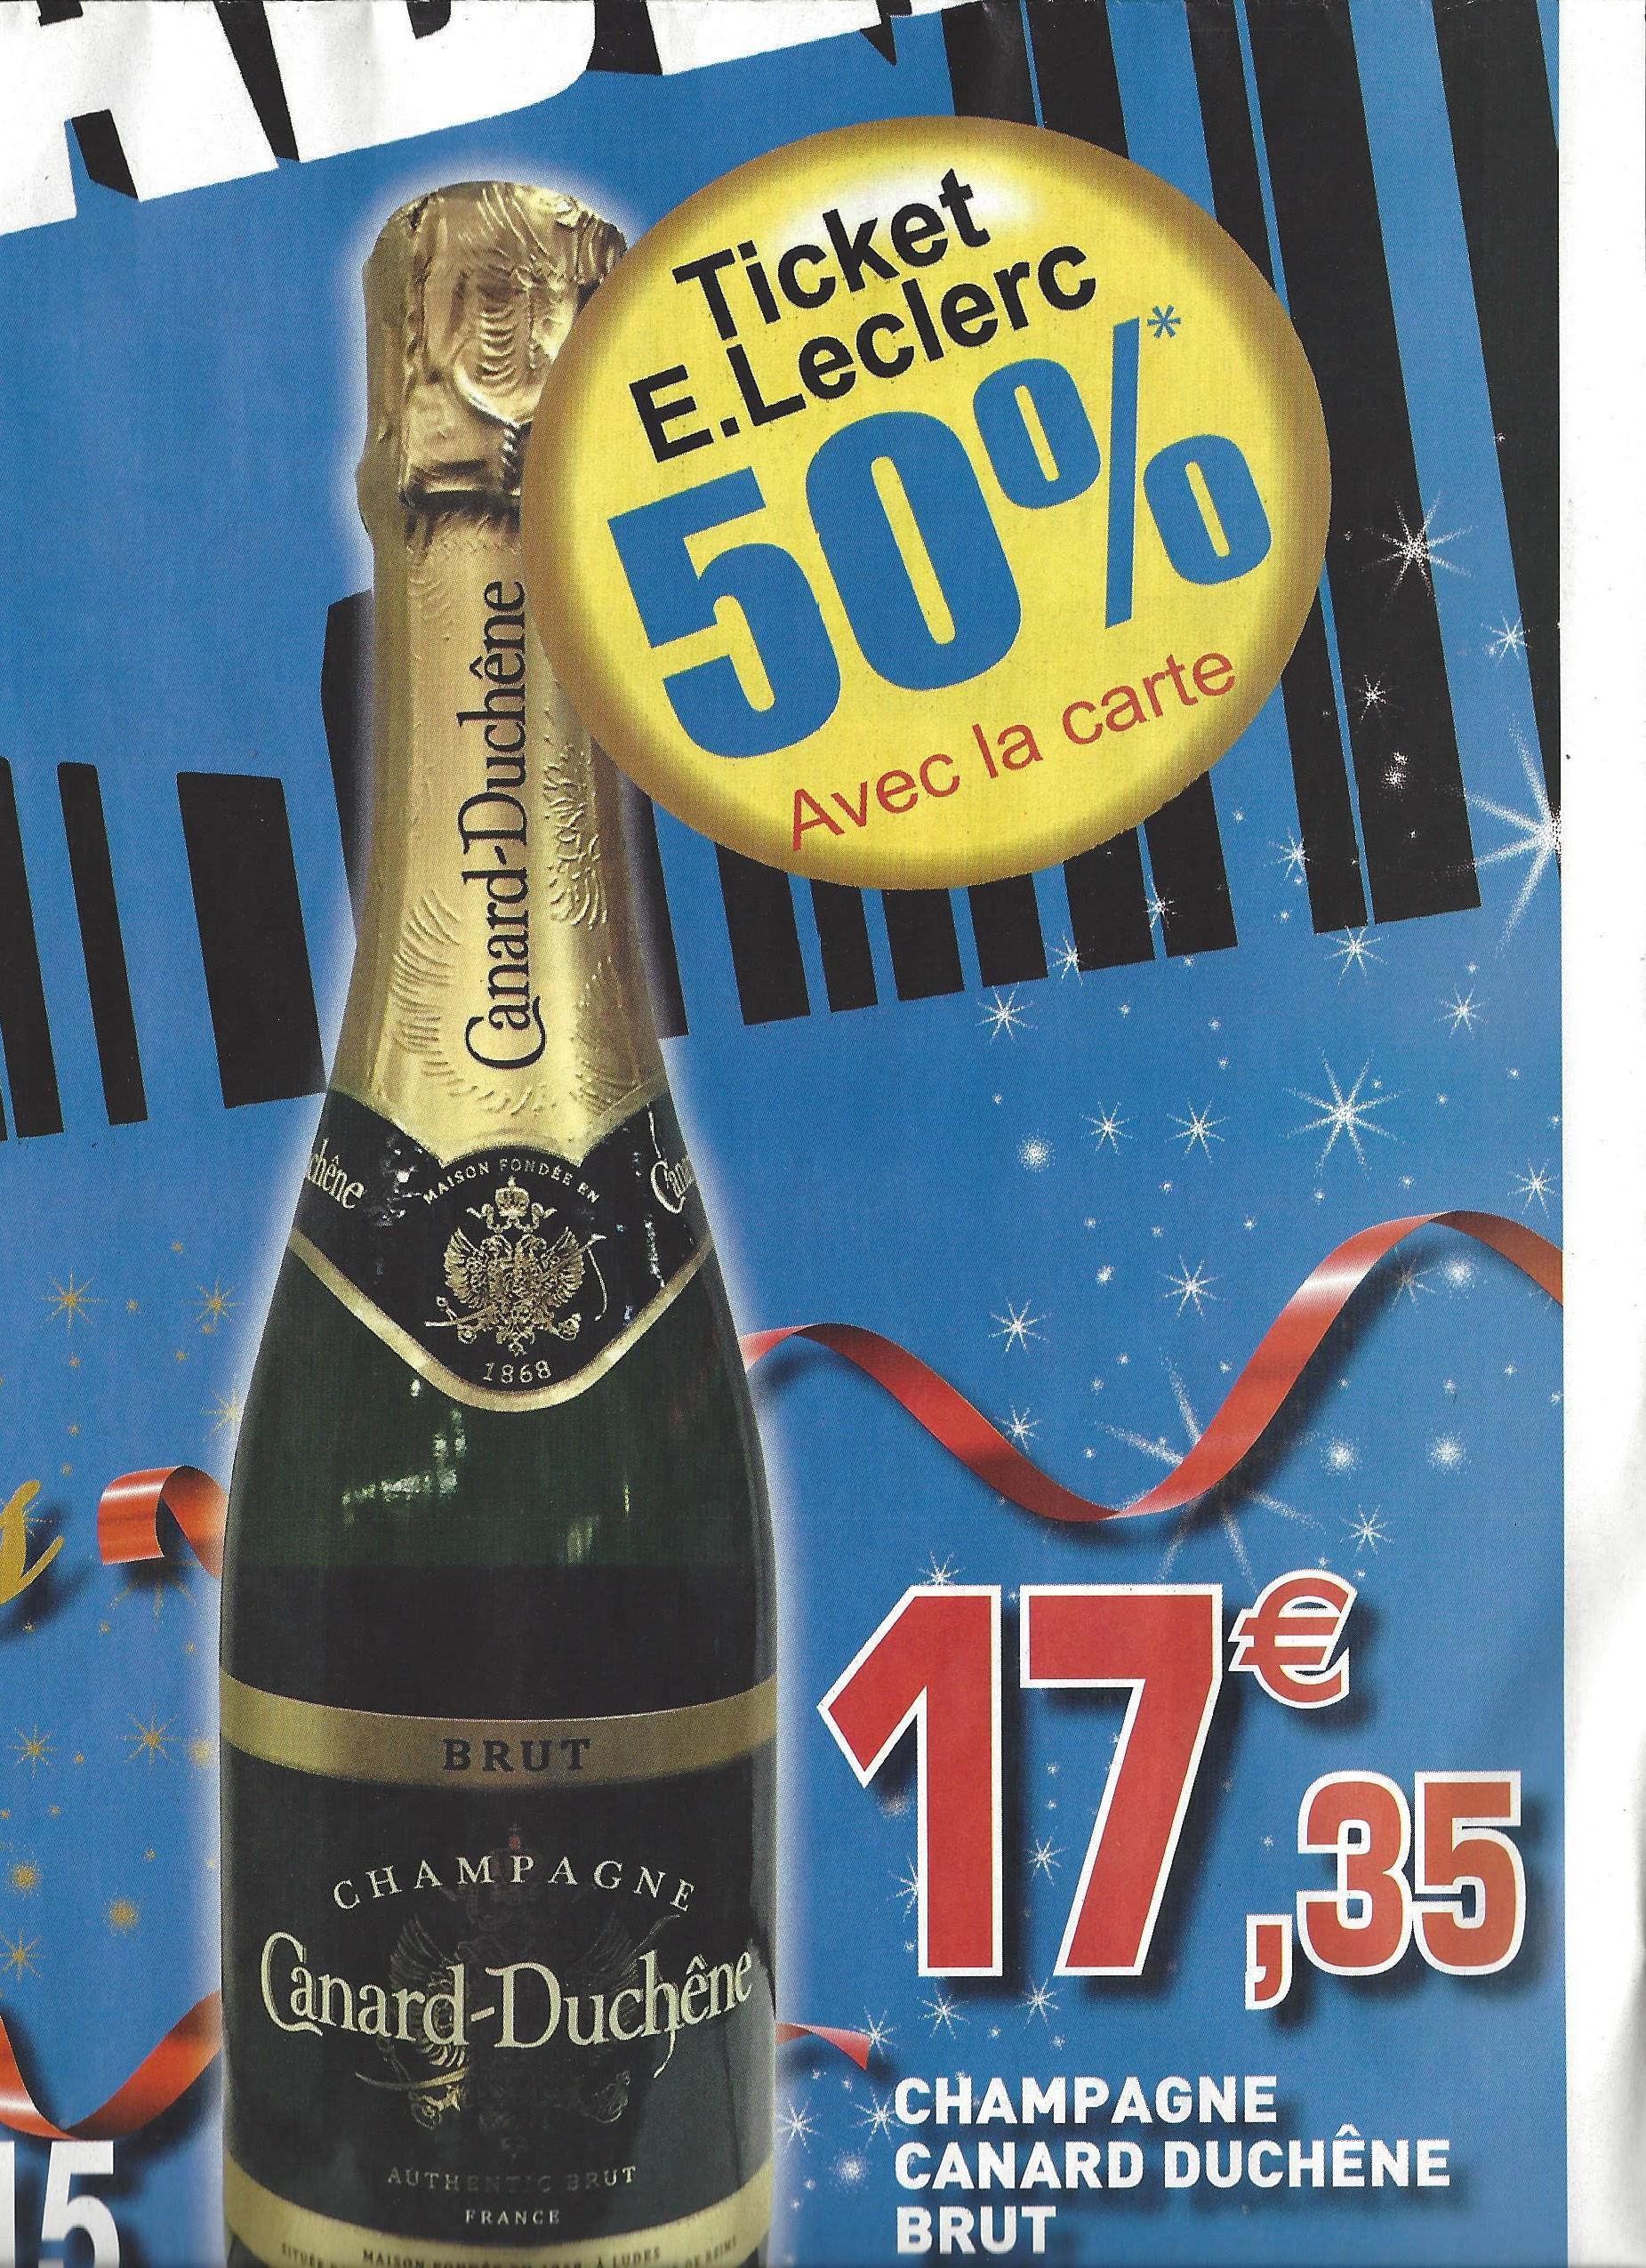 Bouteille de Champagne Canard Duchene (avec 8.68€ sur la carte)